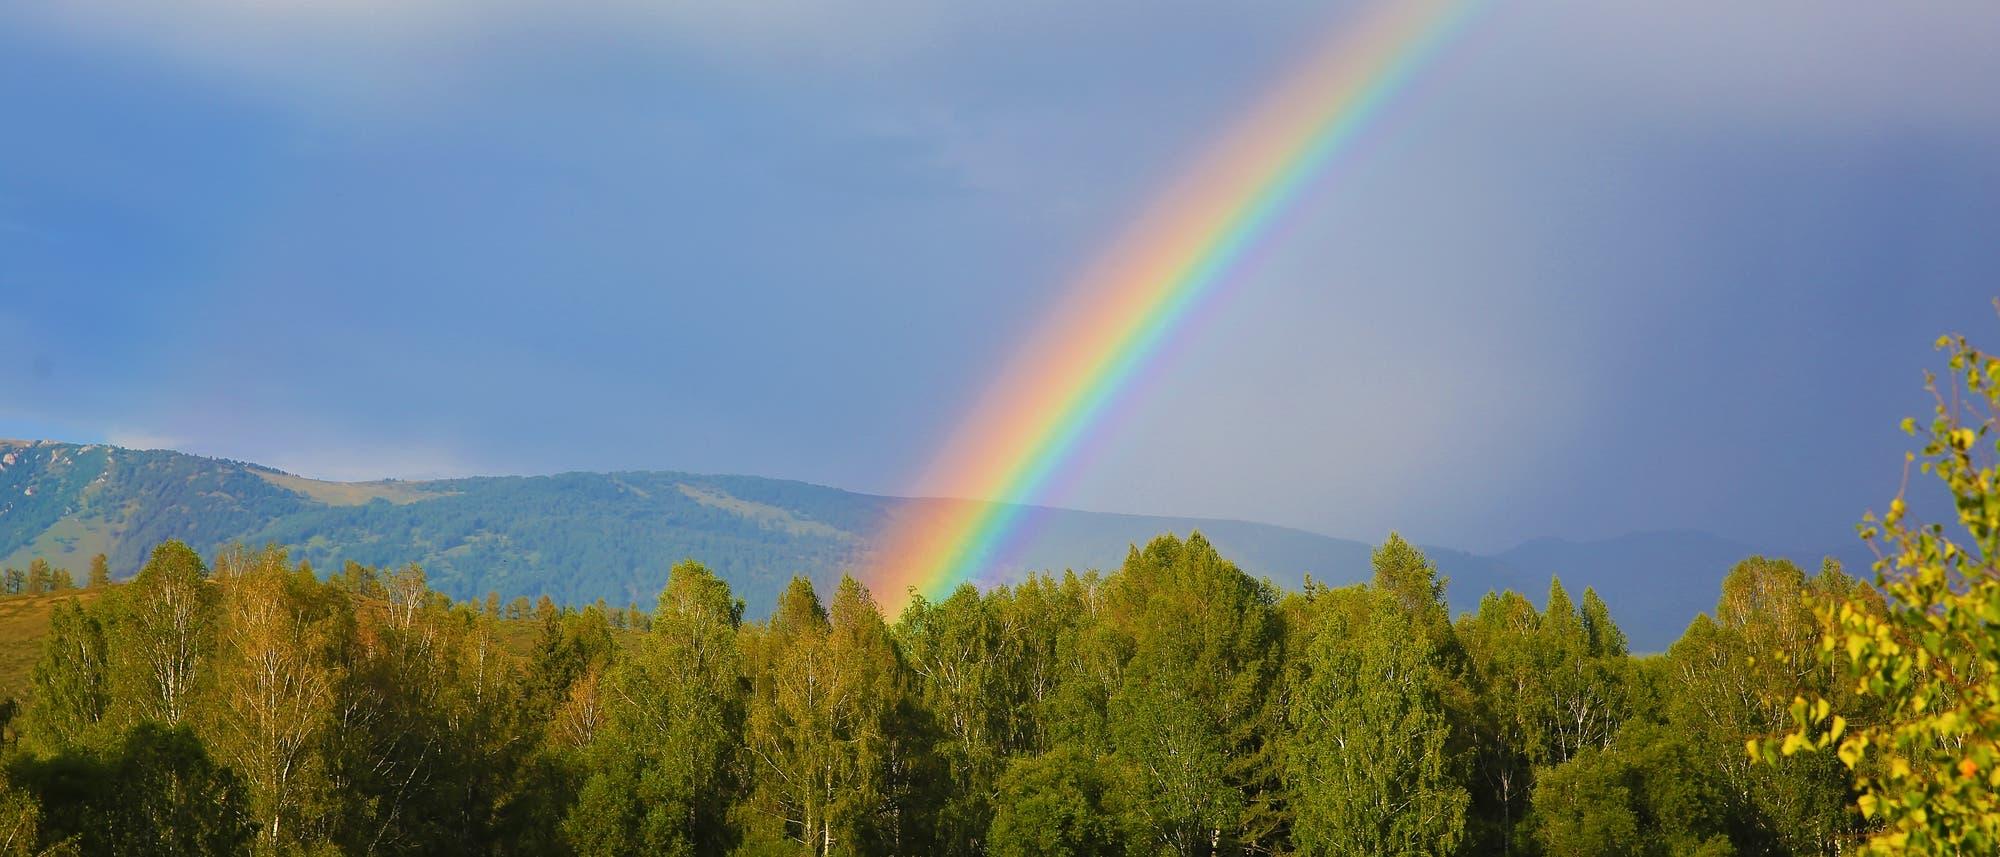 Regenbogen über einem Wald, im Hintergrund Berge. Ja, das Bild ist total cheesy. Lasst mich doch auch mal.